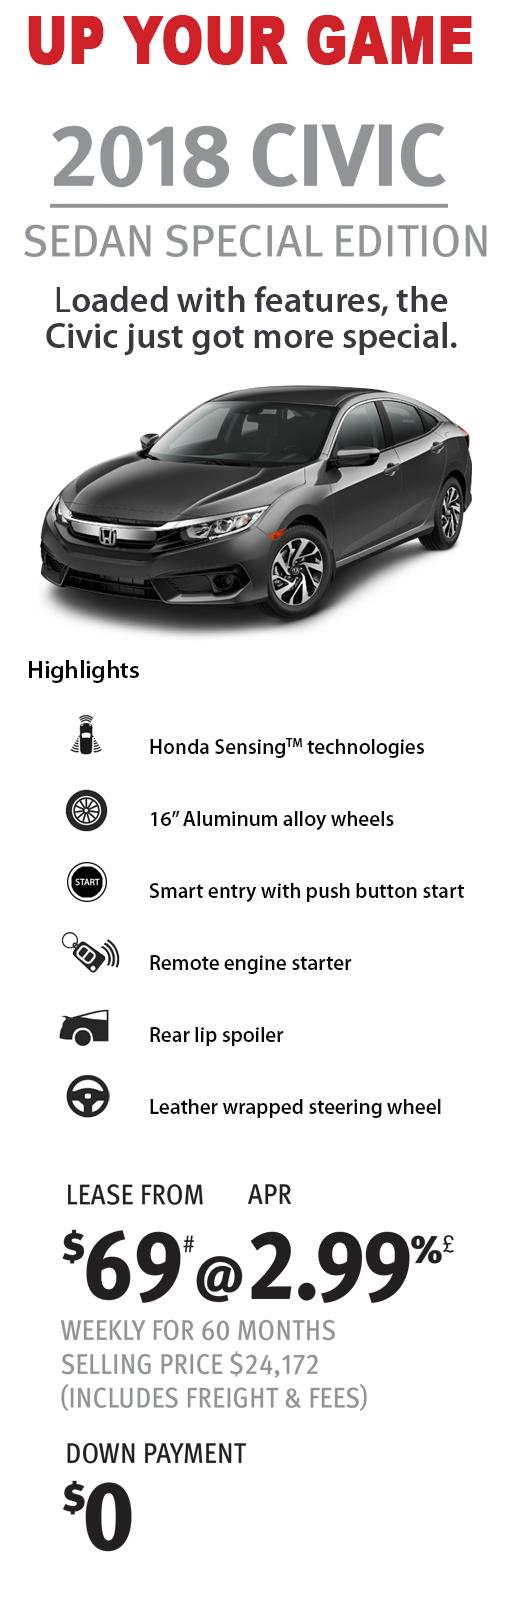 2018 Civic Sedan SE